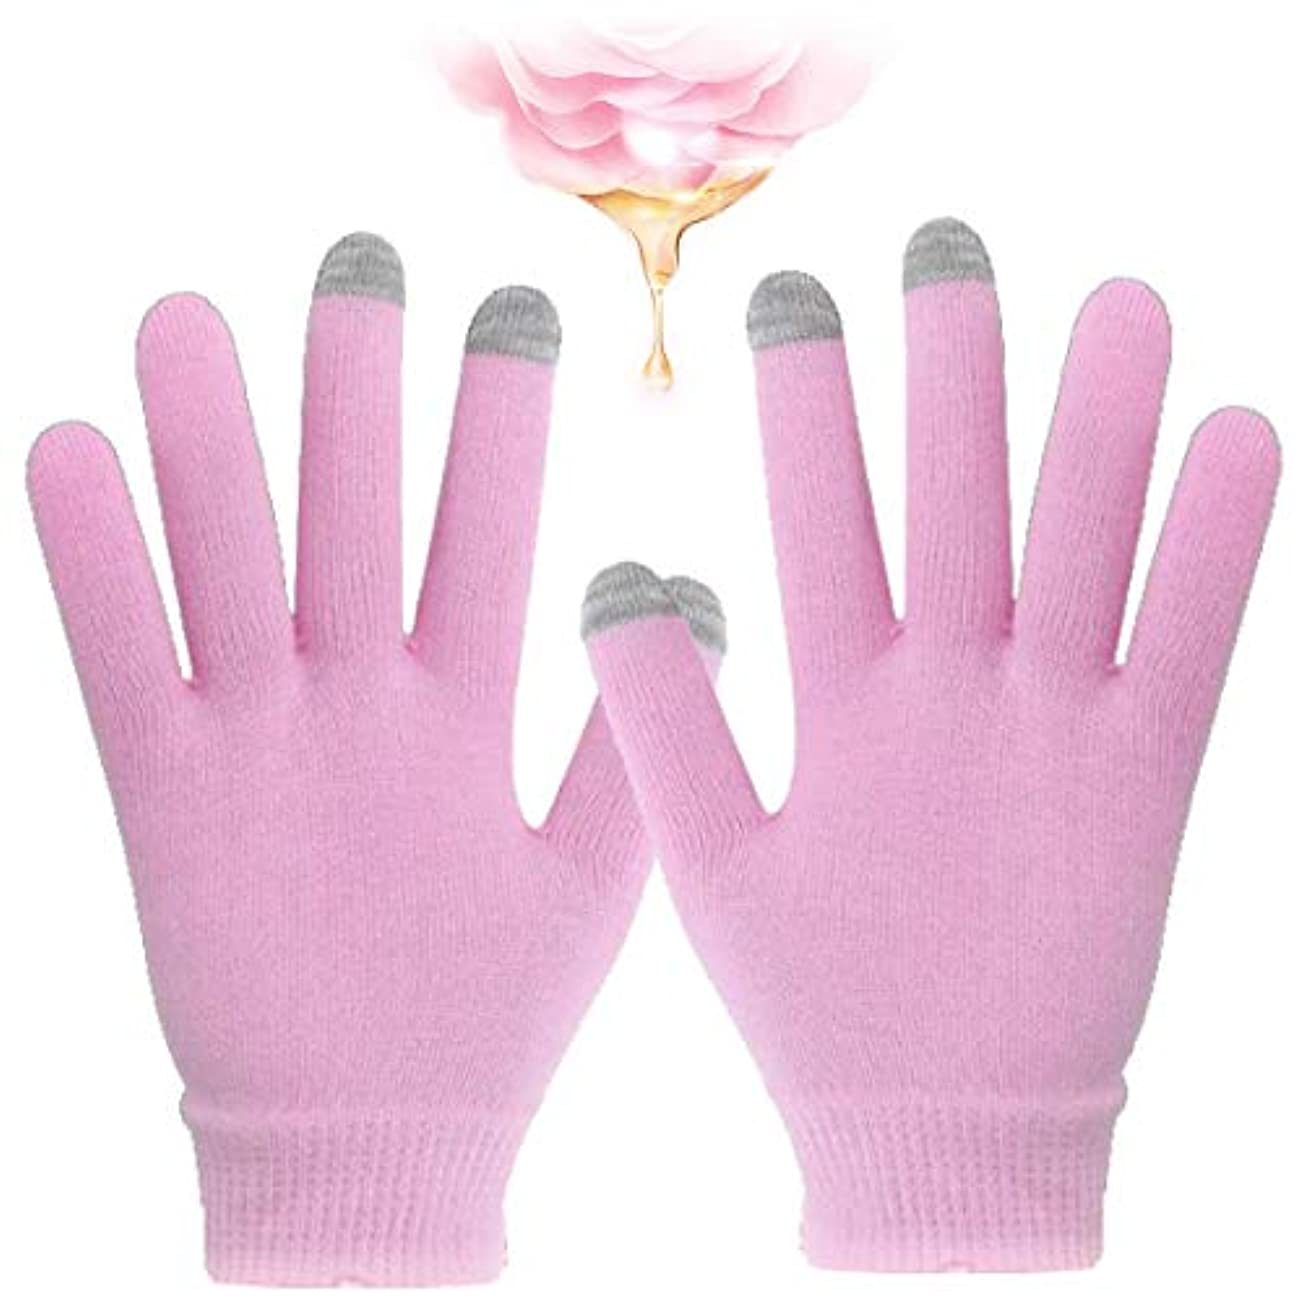 ゲージ敬意抜本的なハンドケア 手袋 スマホ対応 手袋 ゲル 保湿 美容成分配合 手荒れ 対策 おやすみ スキンケア グローブ うるおい 保護 タブレット